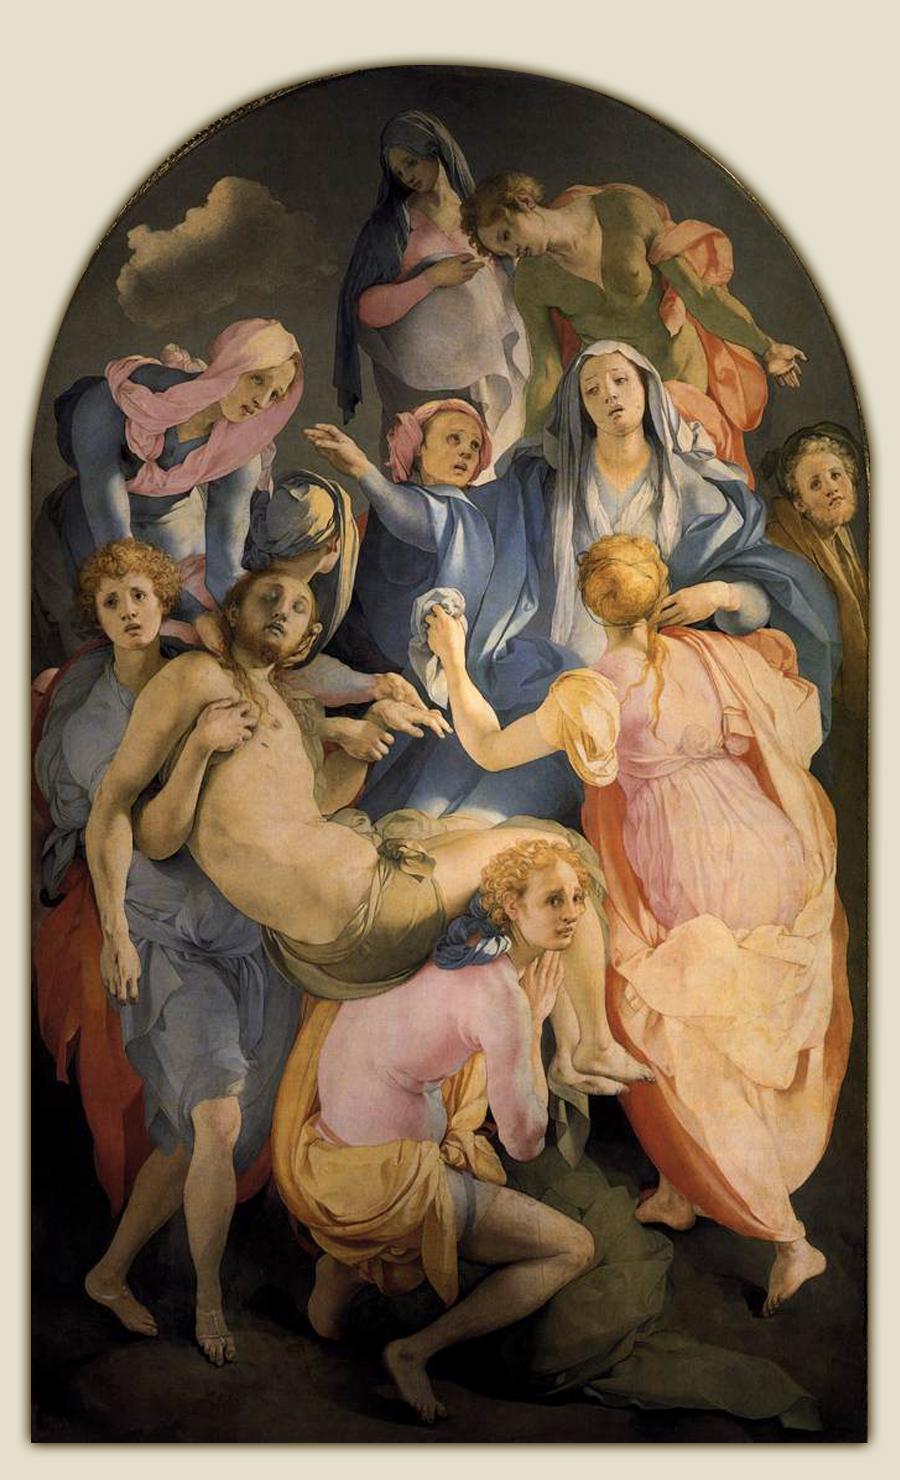 Firenze Carucci Pontormo Da Jacopo